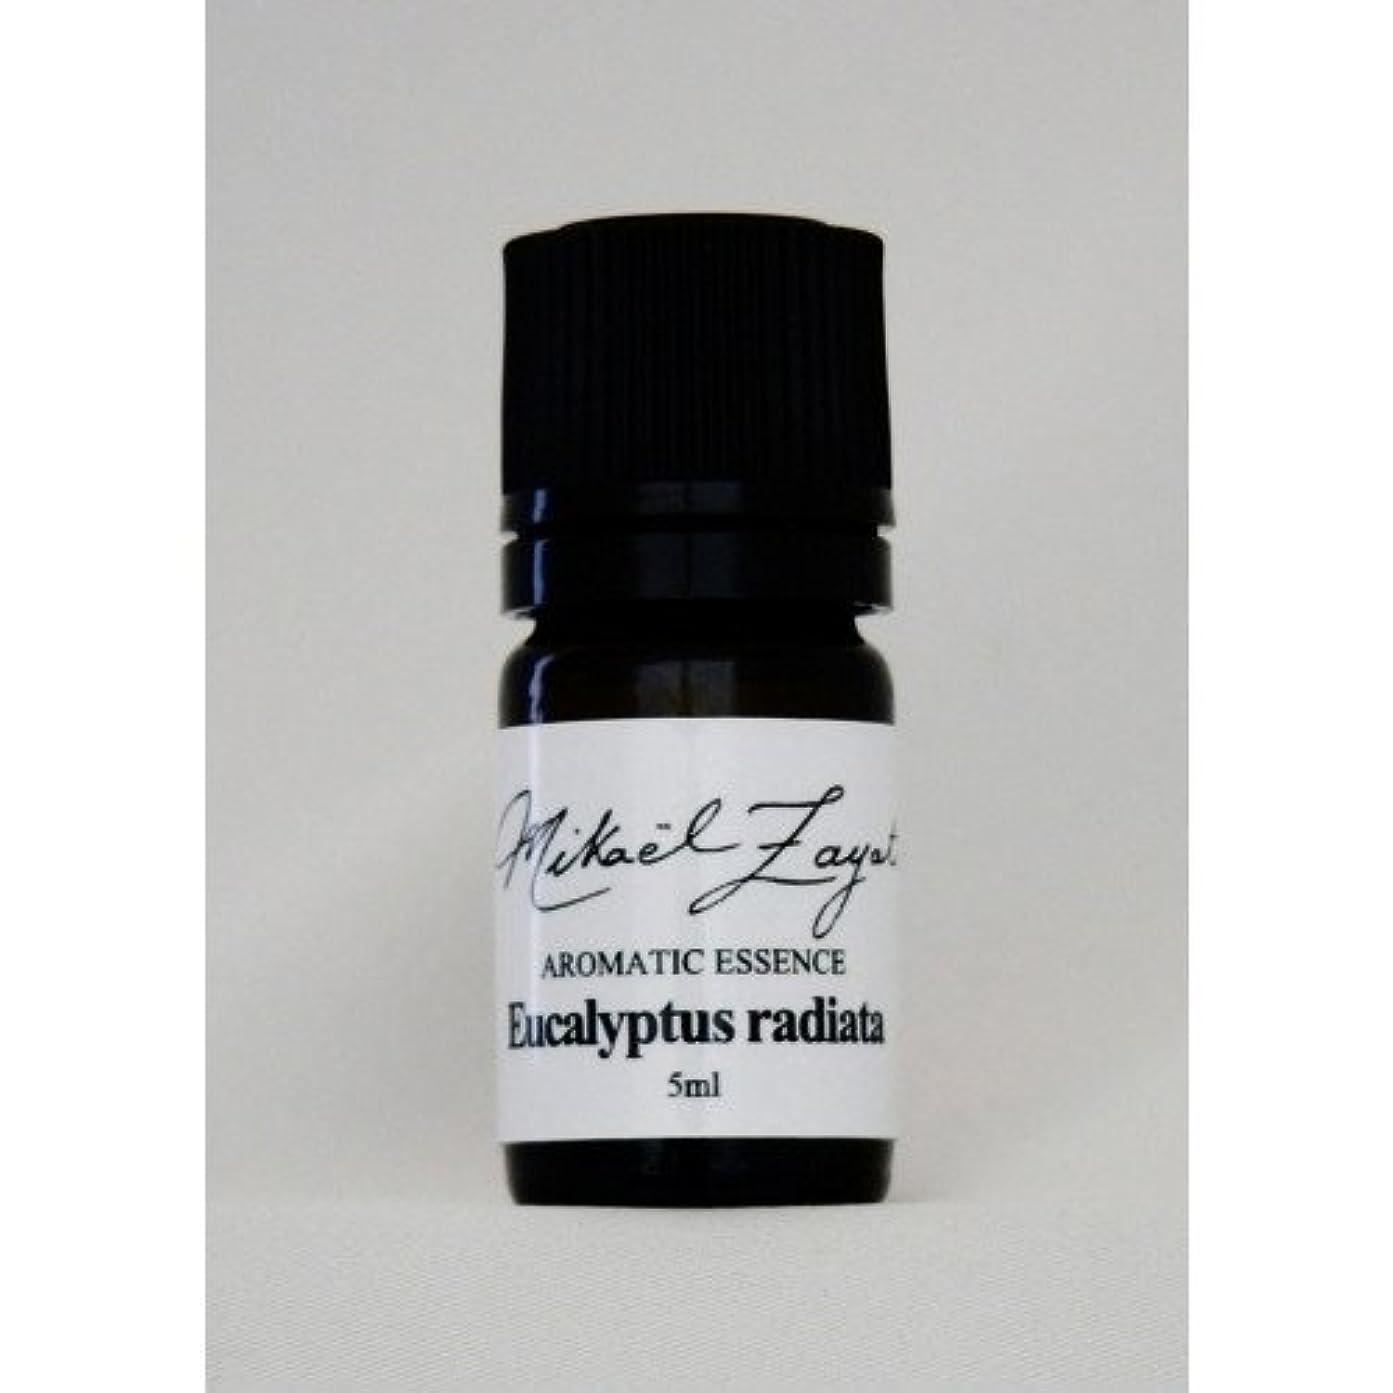 花嫁あいまいさところで【日本総販売店】ユーカリプタス Eucalyptus radiata 5ml ミカエルザヤットジャパン公式オンラインショップ